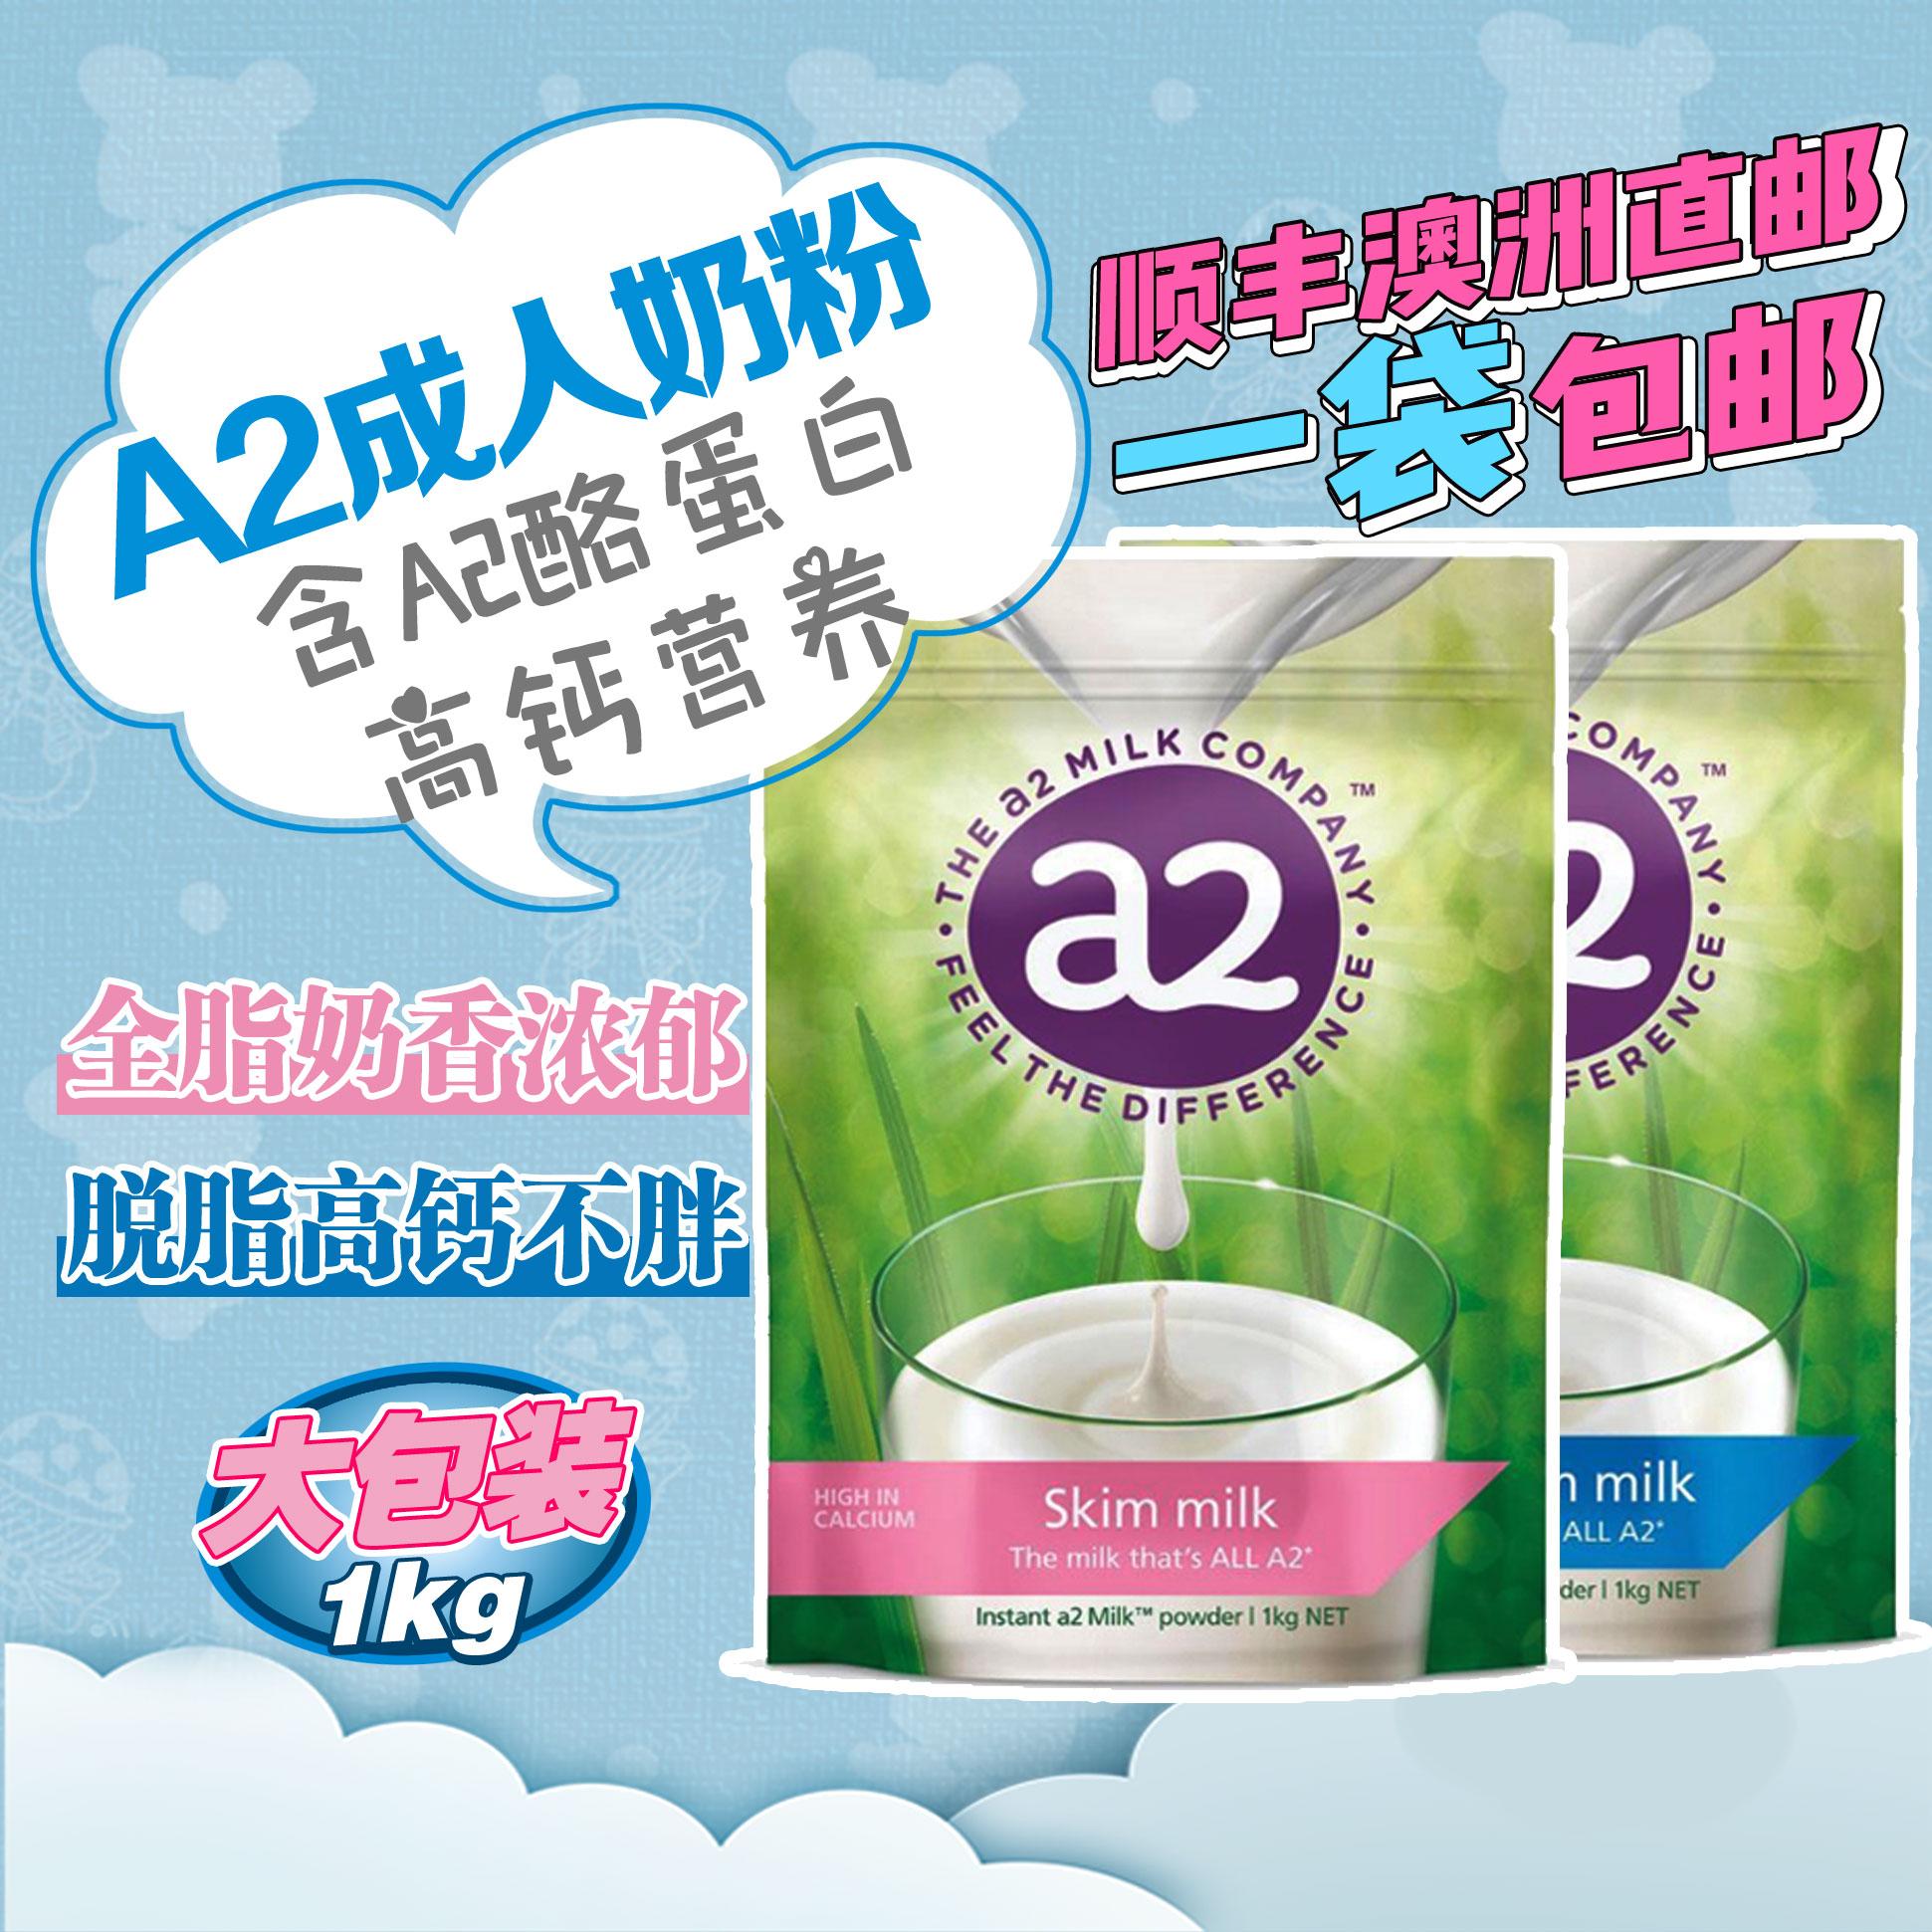 澳洲直邮 a2儿童纯奶粉全脂脱脂老年人高钙无添加袋装1KG